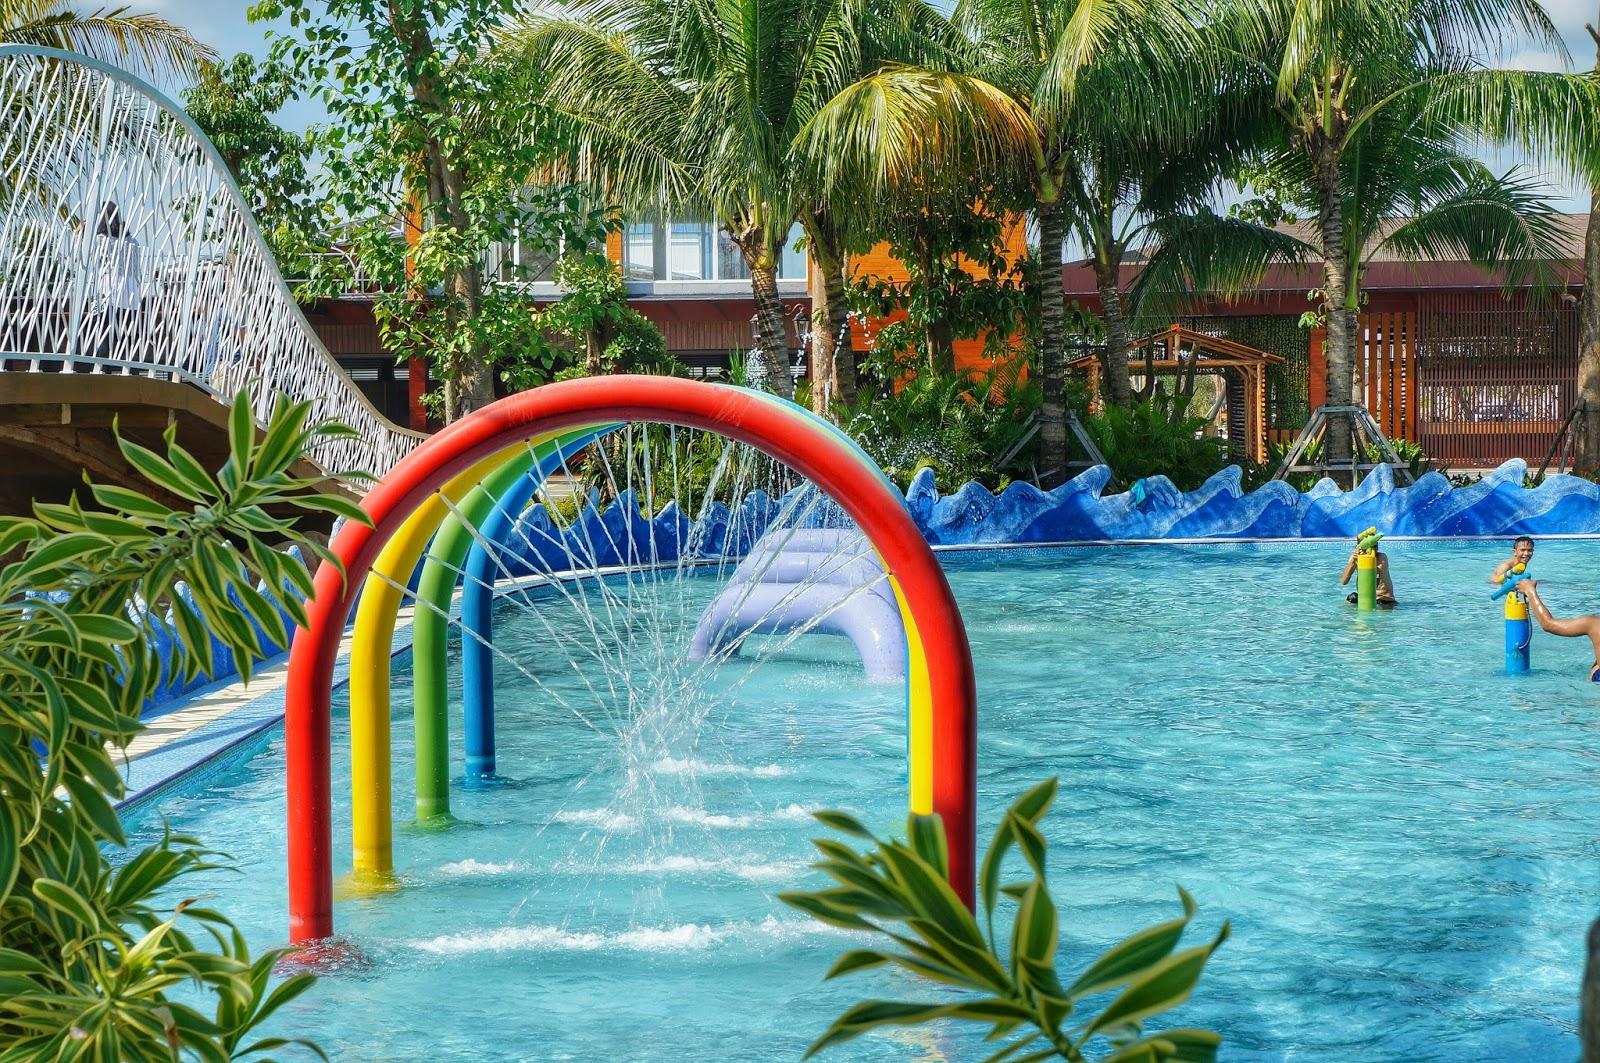 Main Air Di Paradis Q Water Park Terbesar Di Kalimantan Barat